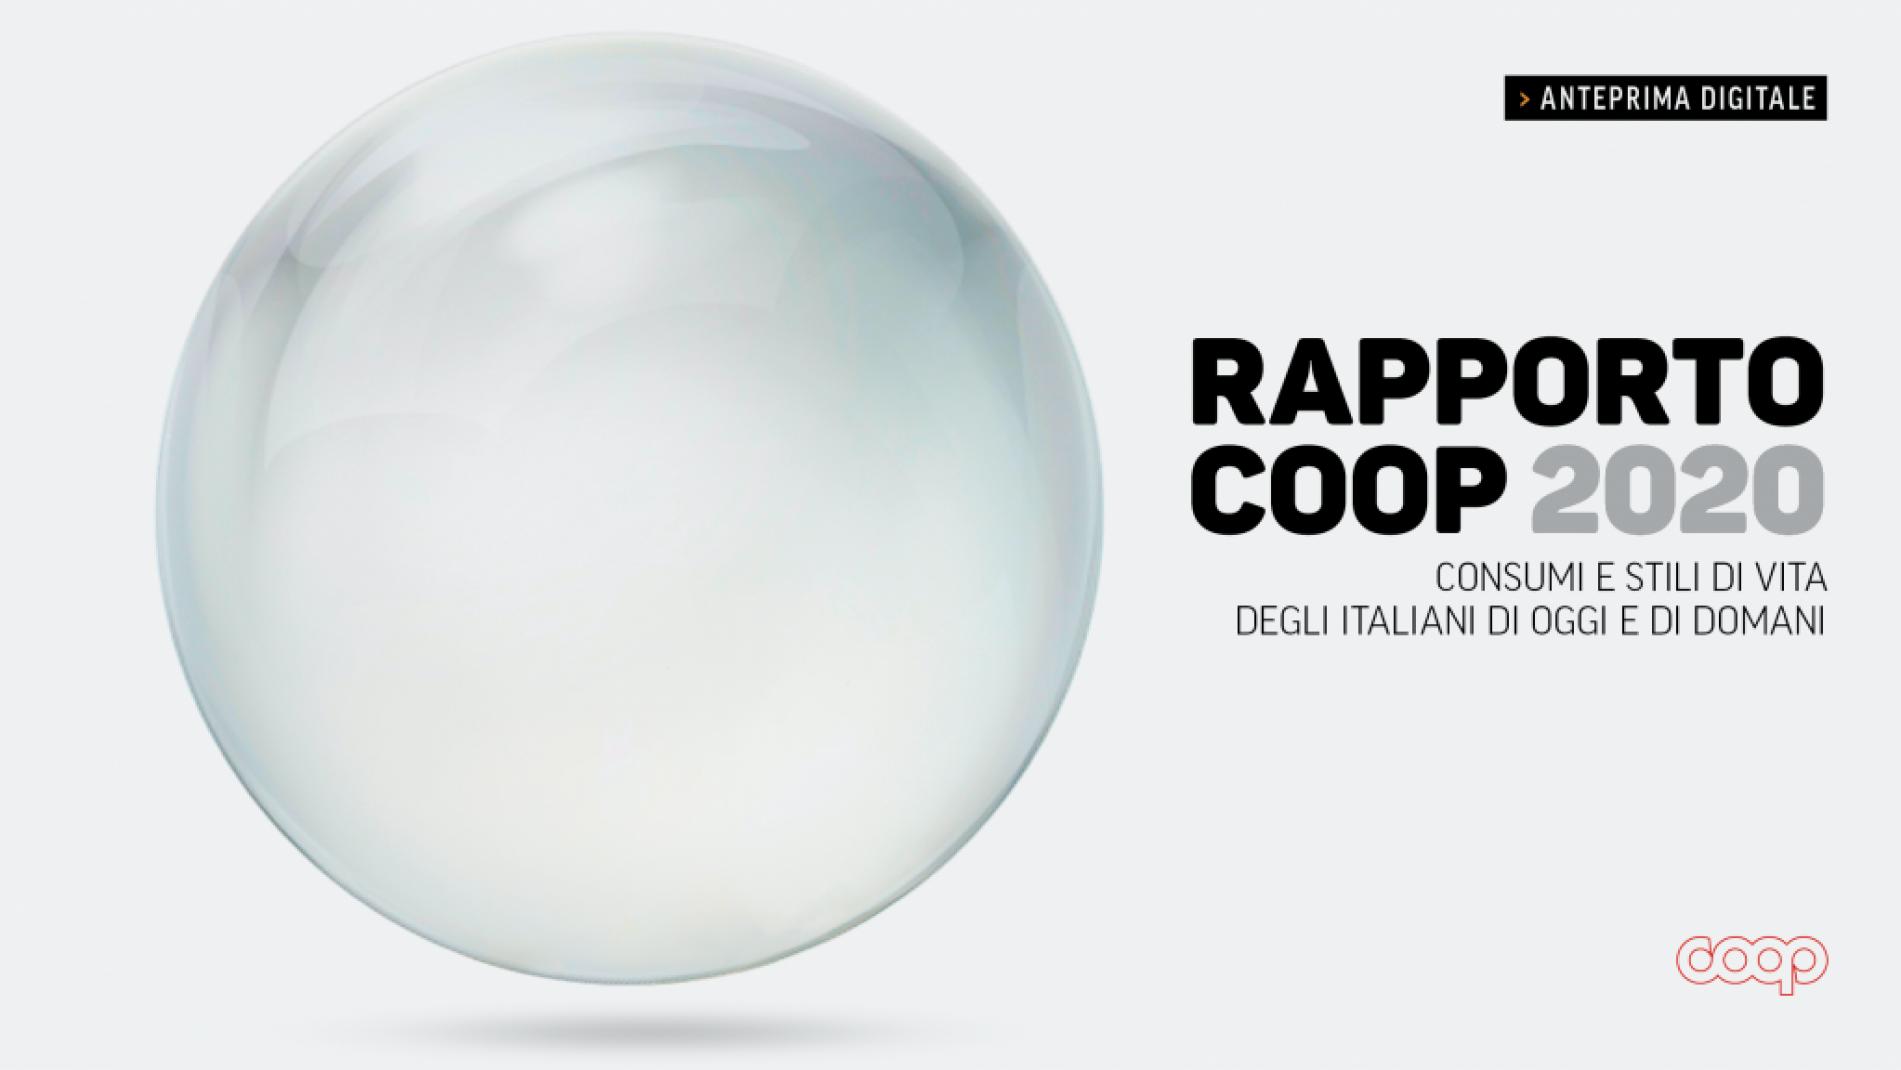 Rapporto Coop 2020. Consumi e stili di vita degli italiani di oggi e di domani